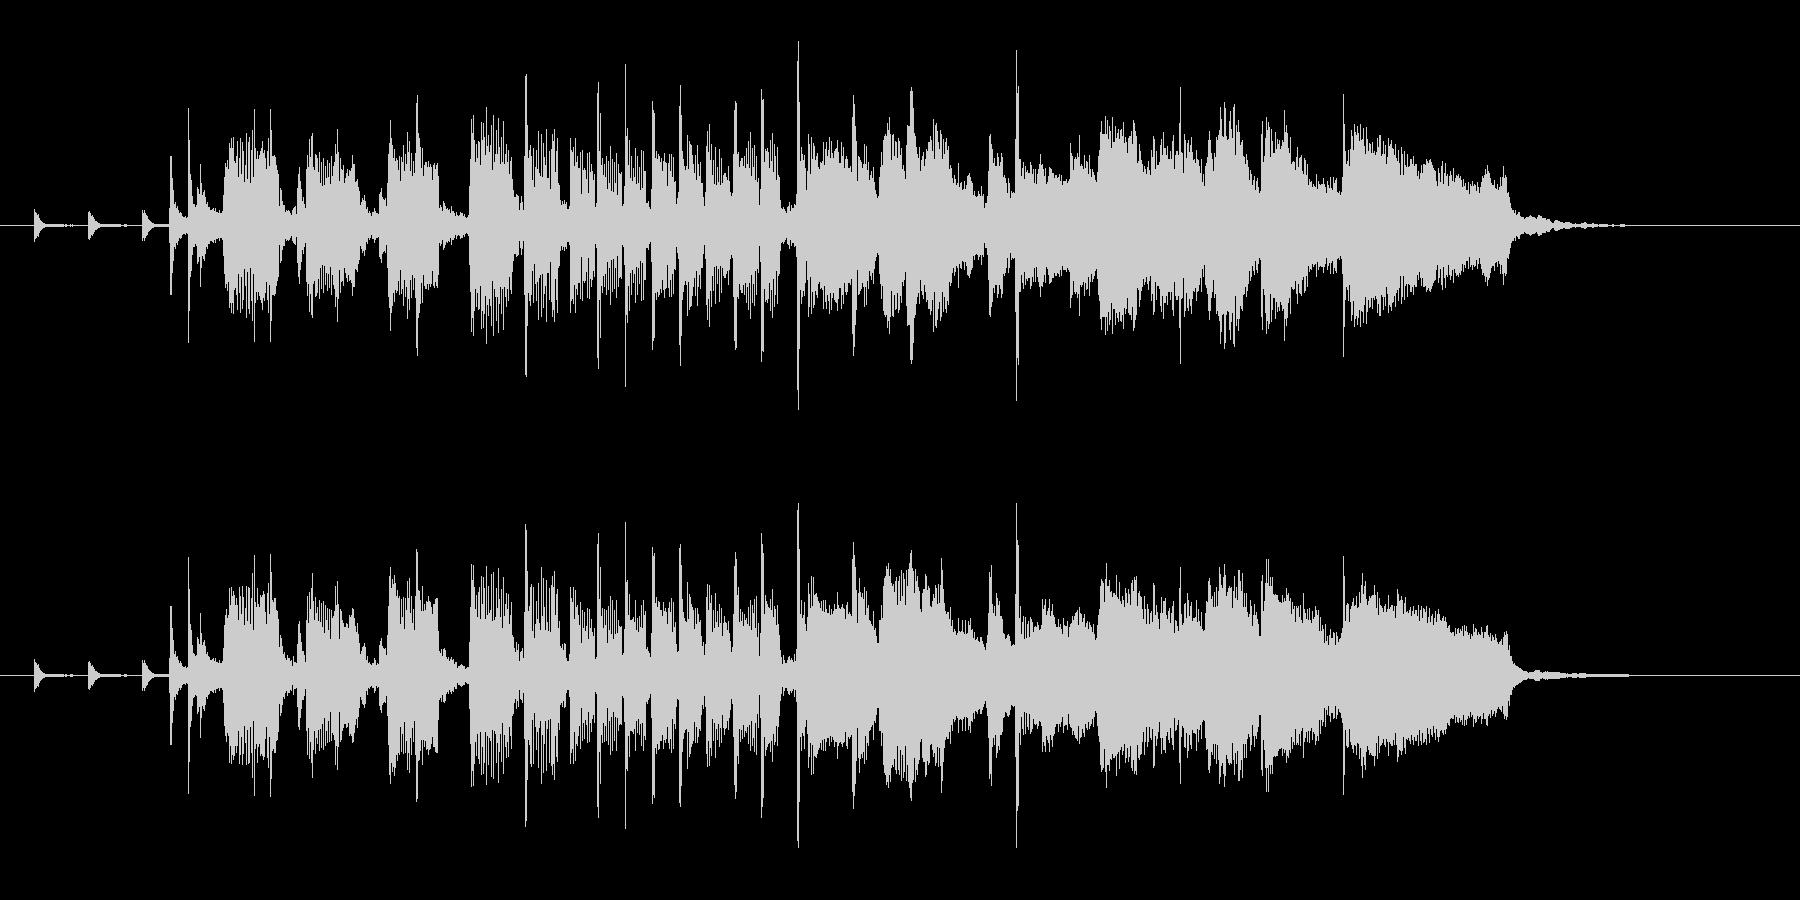 CMロゴプレゼン疾走感おもしろジャズリフの未再生の波形